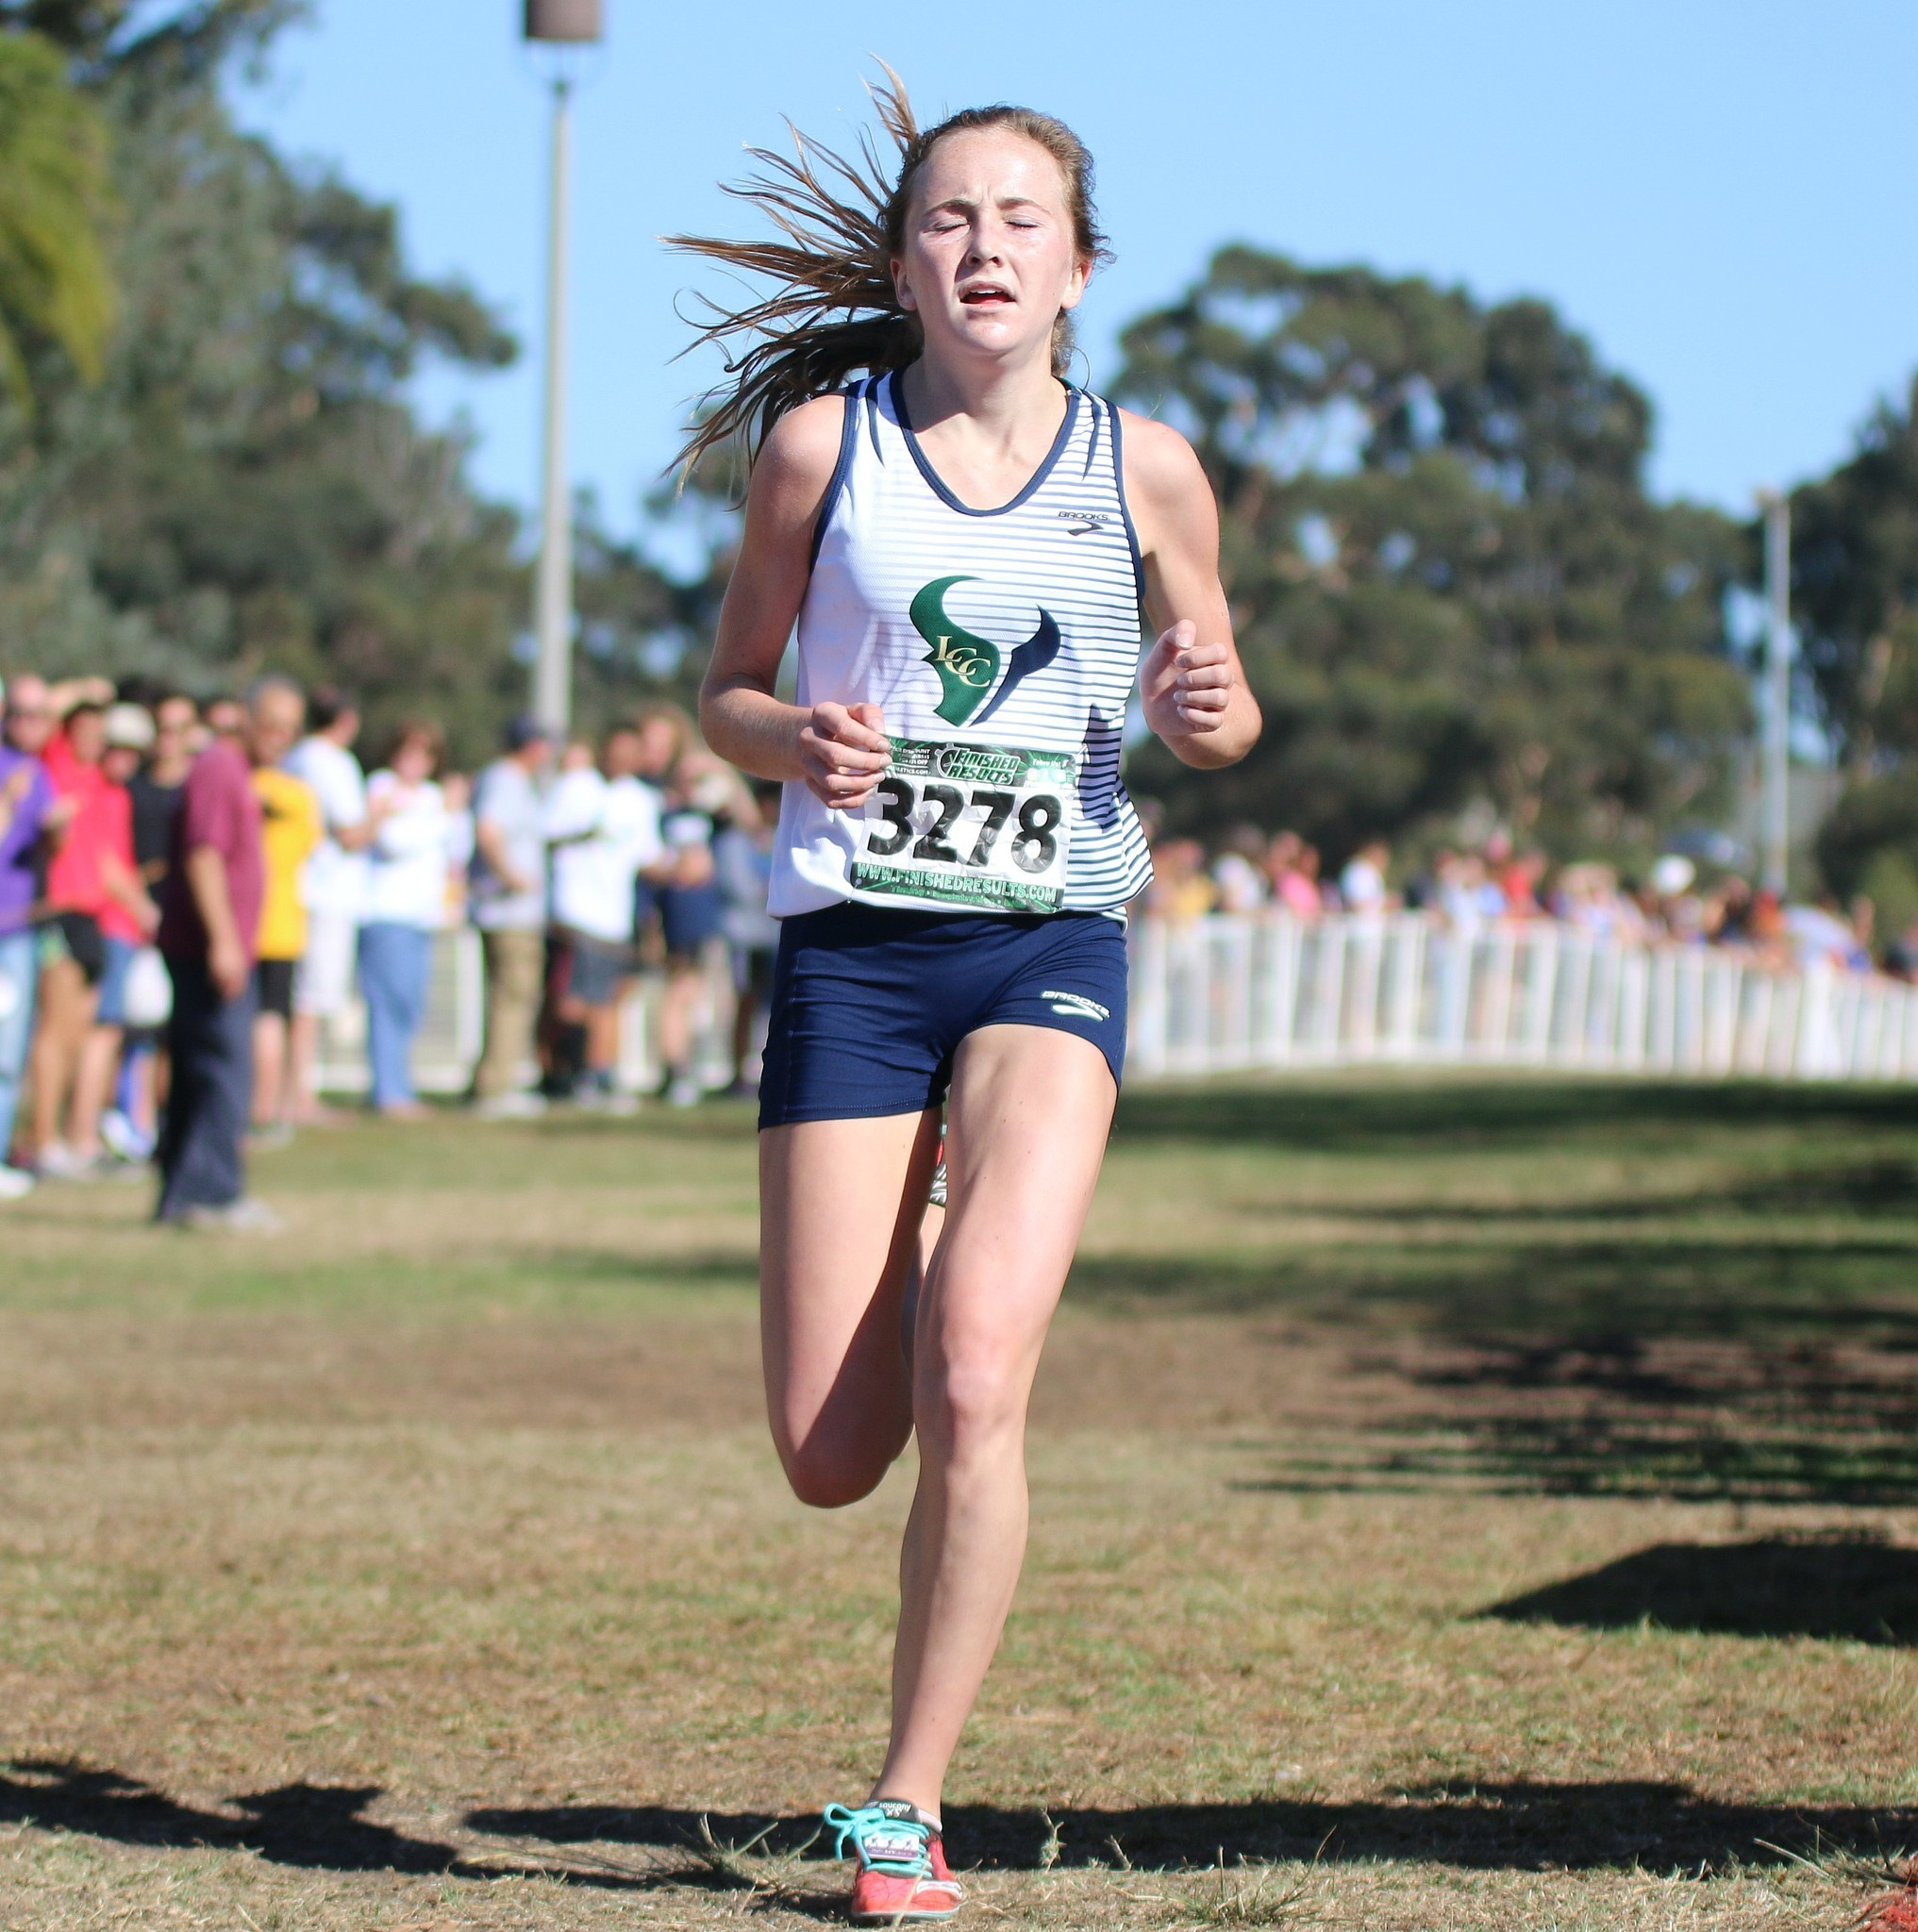 Kristin runner